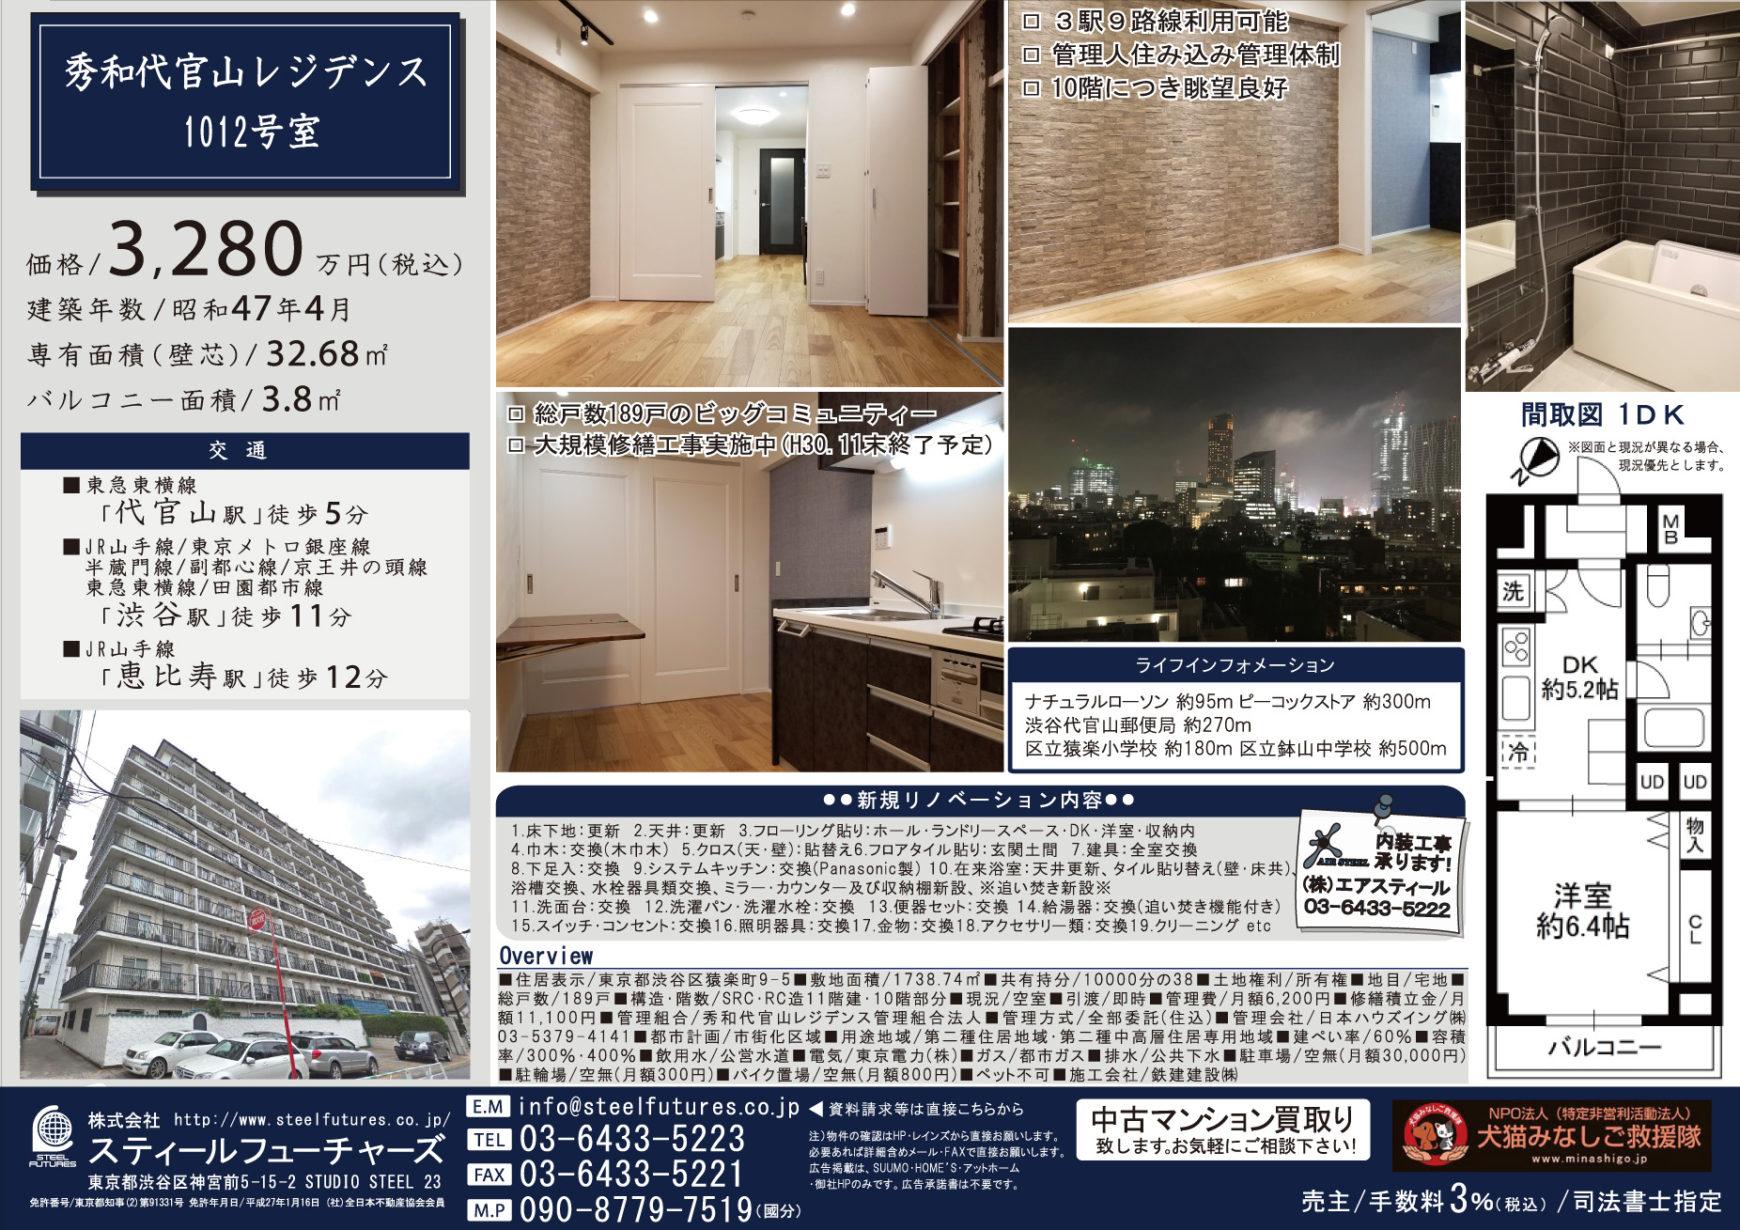 6/7 更新 秀和代官山レジデンス1012号室